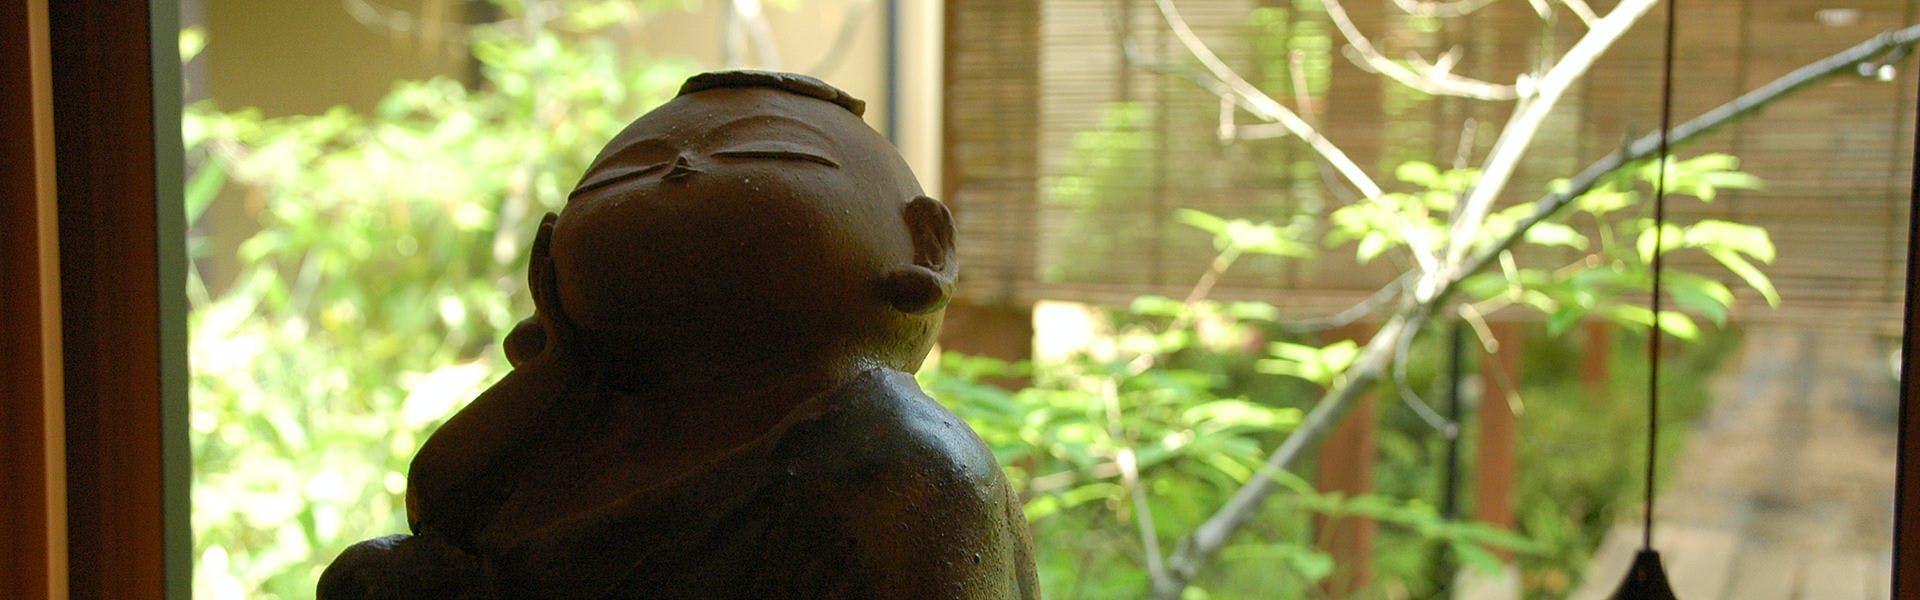 記念日におすすめのホテル・離れ宿 山咲の写真3